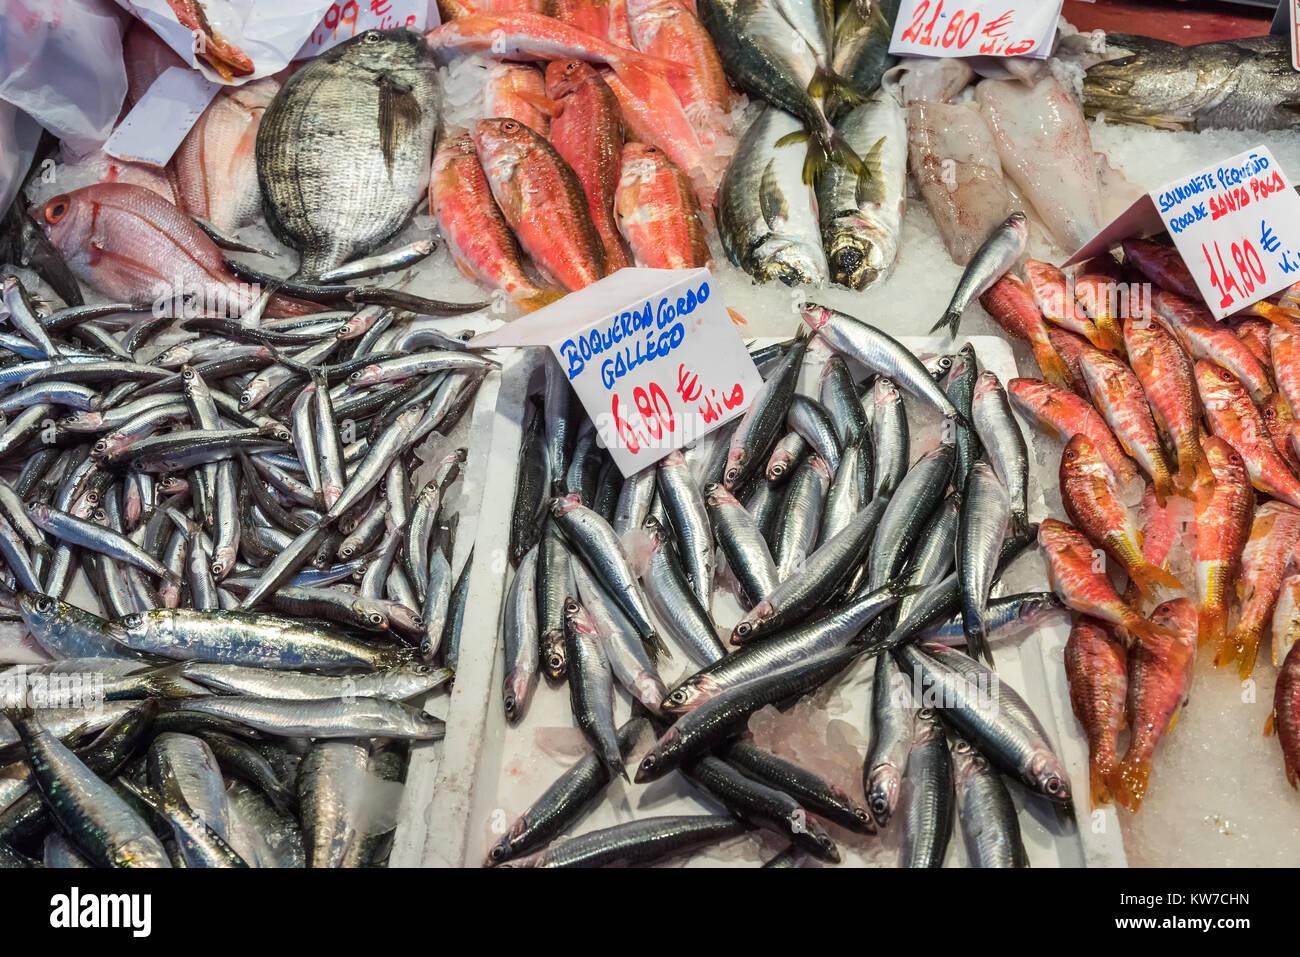 pos Fisch datiert Dinge zu wissen, wenn ein japanisches Mädchen datiert